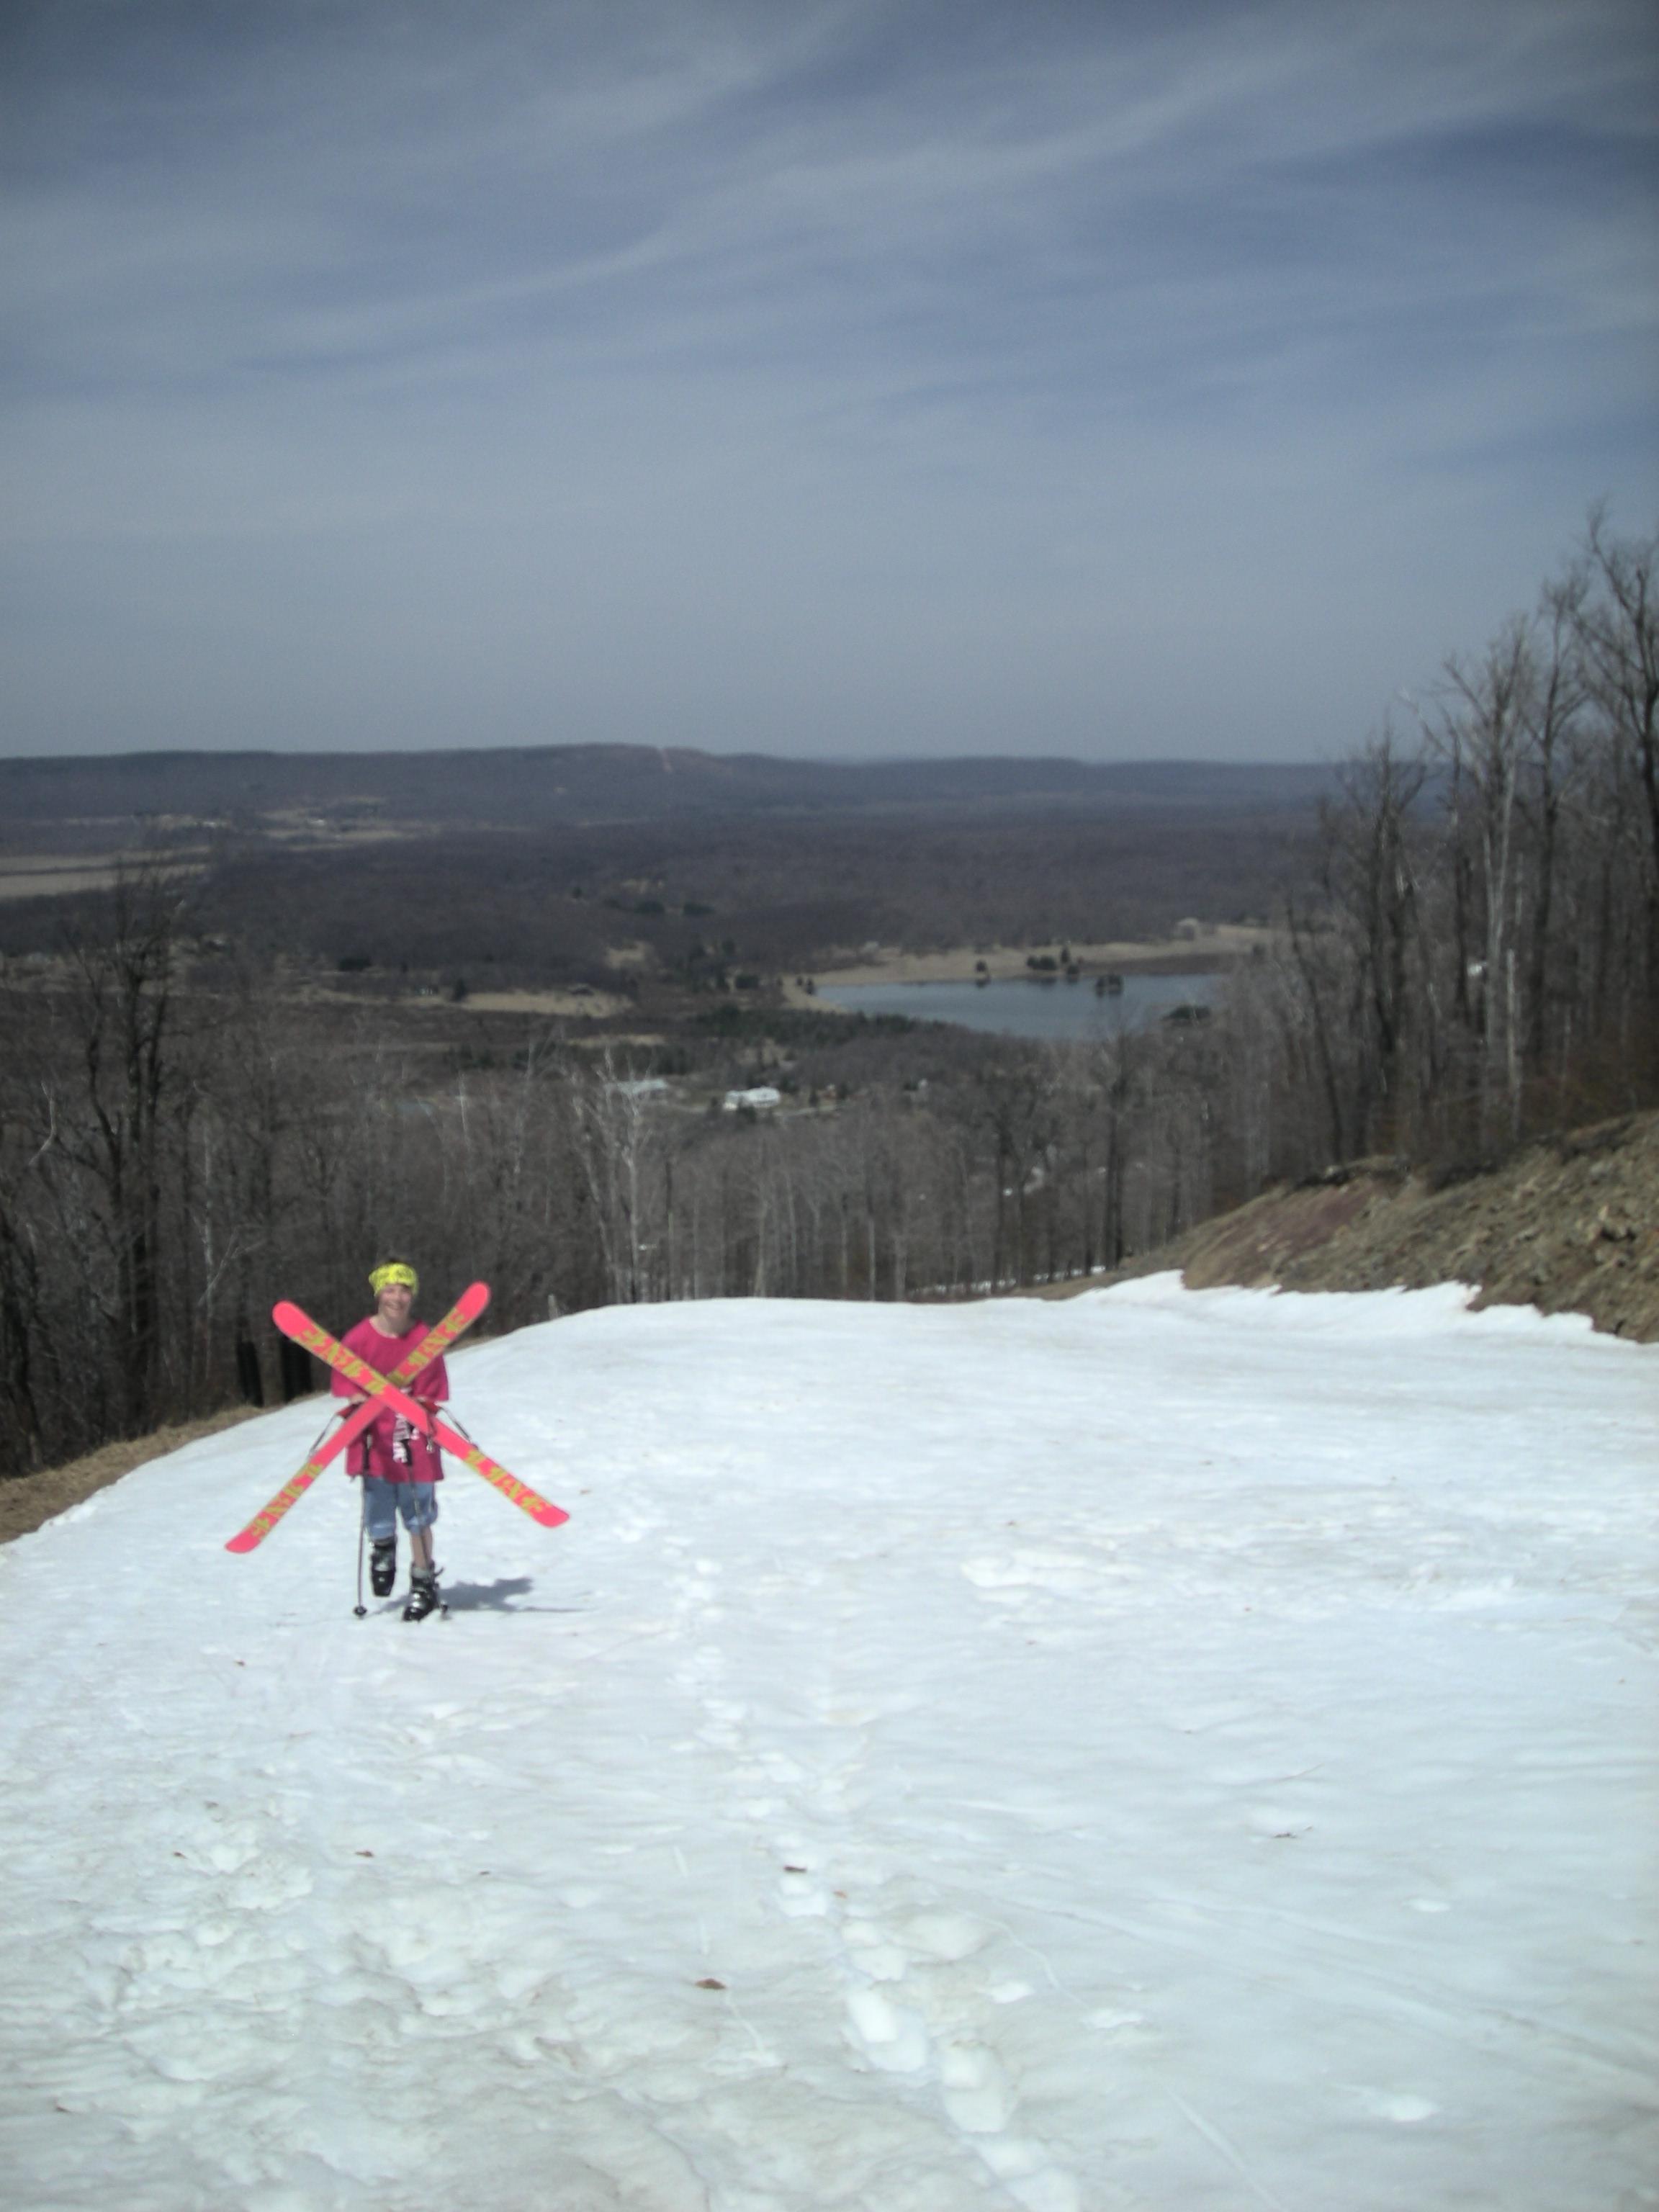 Spring skiing in WV